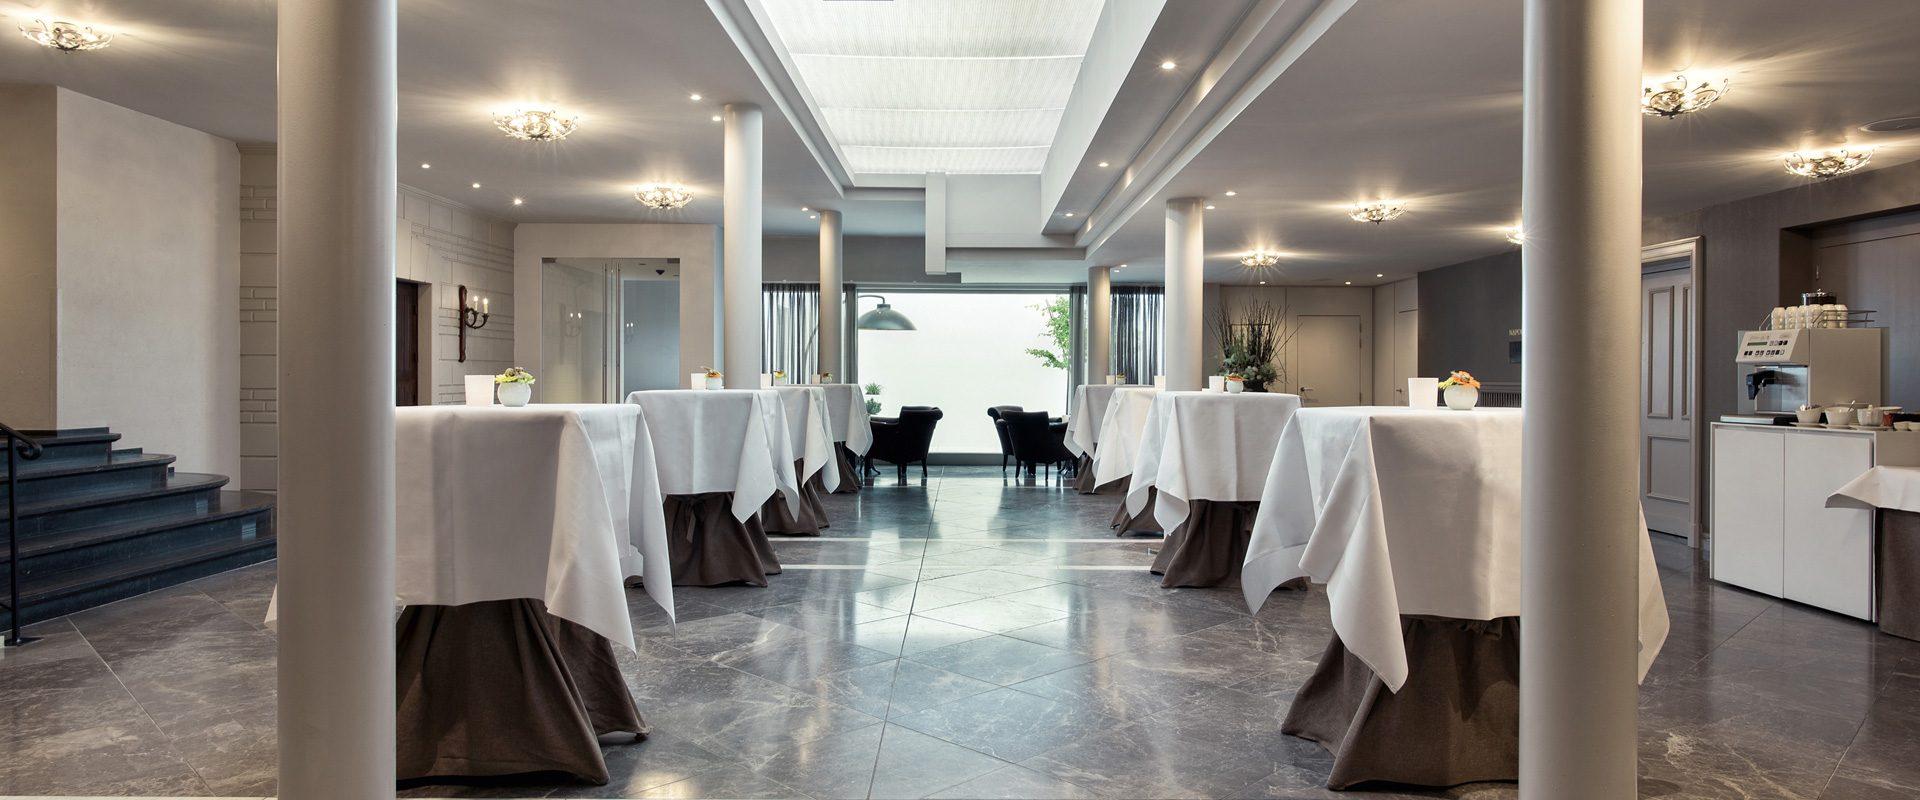 Séminars & Meetings - Domaine La Butte aux Bois